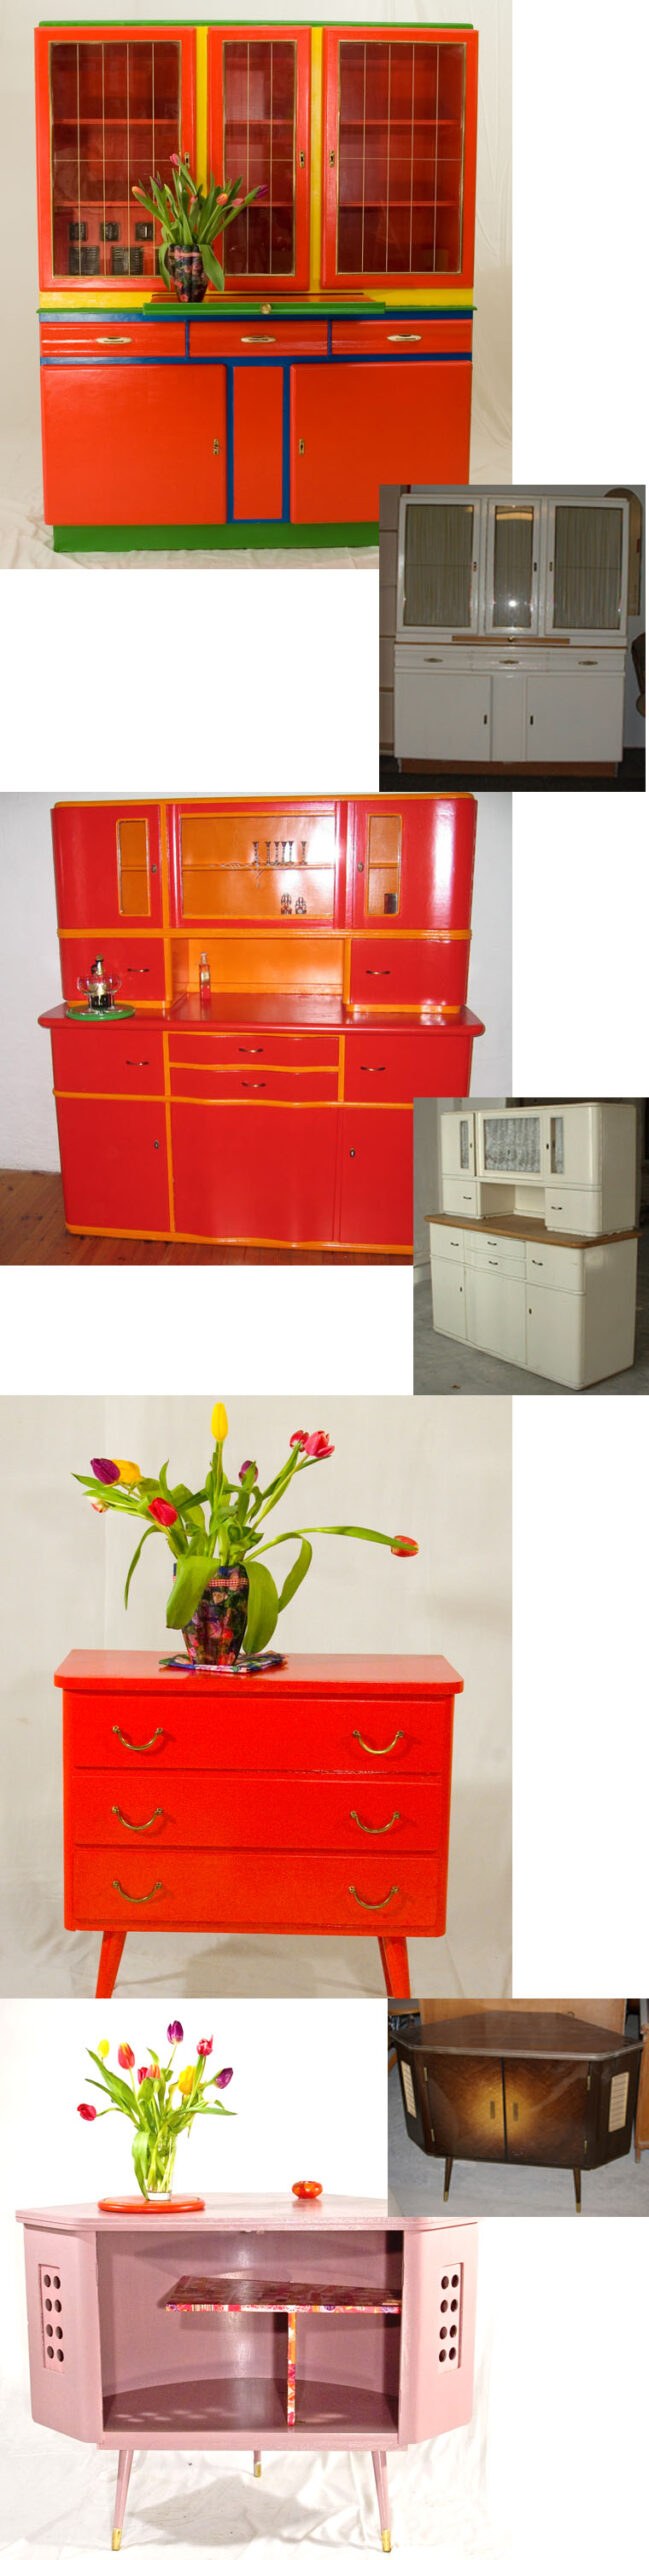 Rot ist so eine schöne Farbe: Möbel in Rottönen